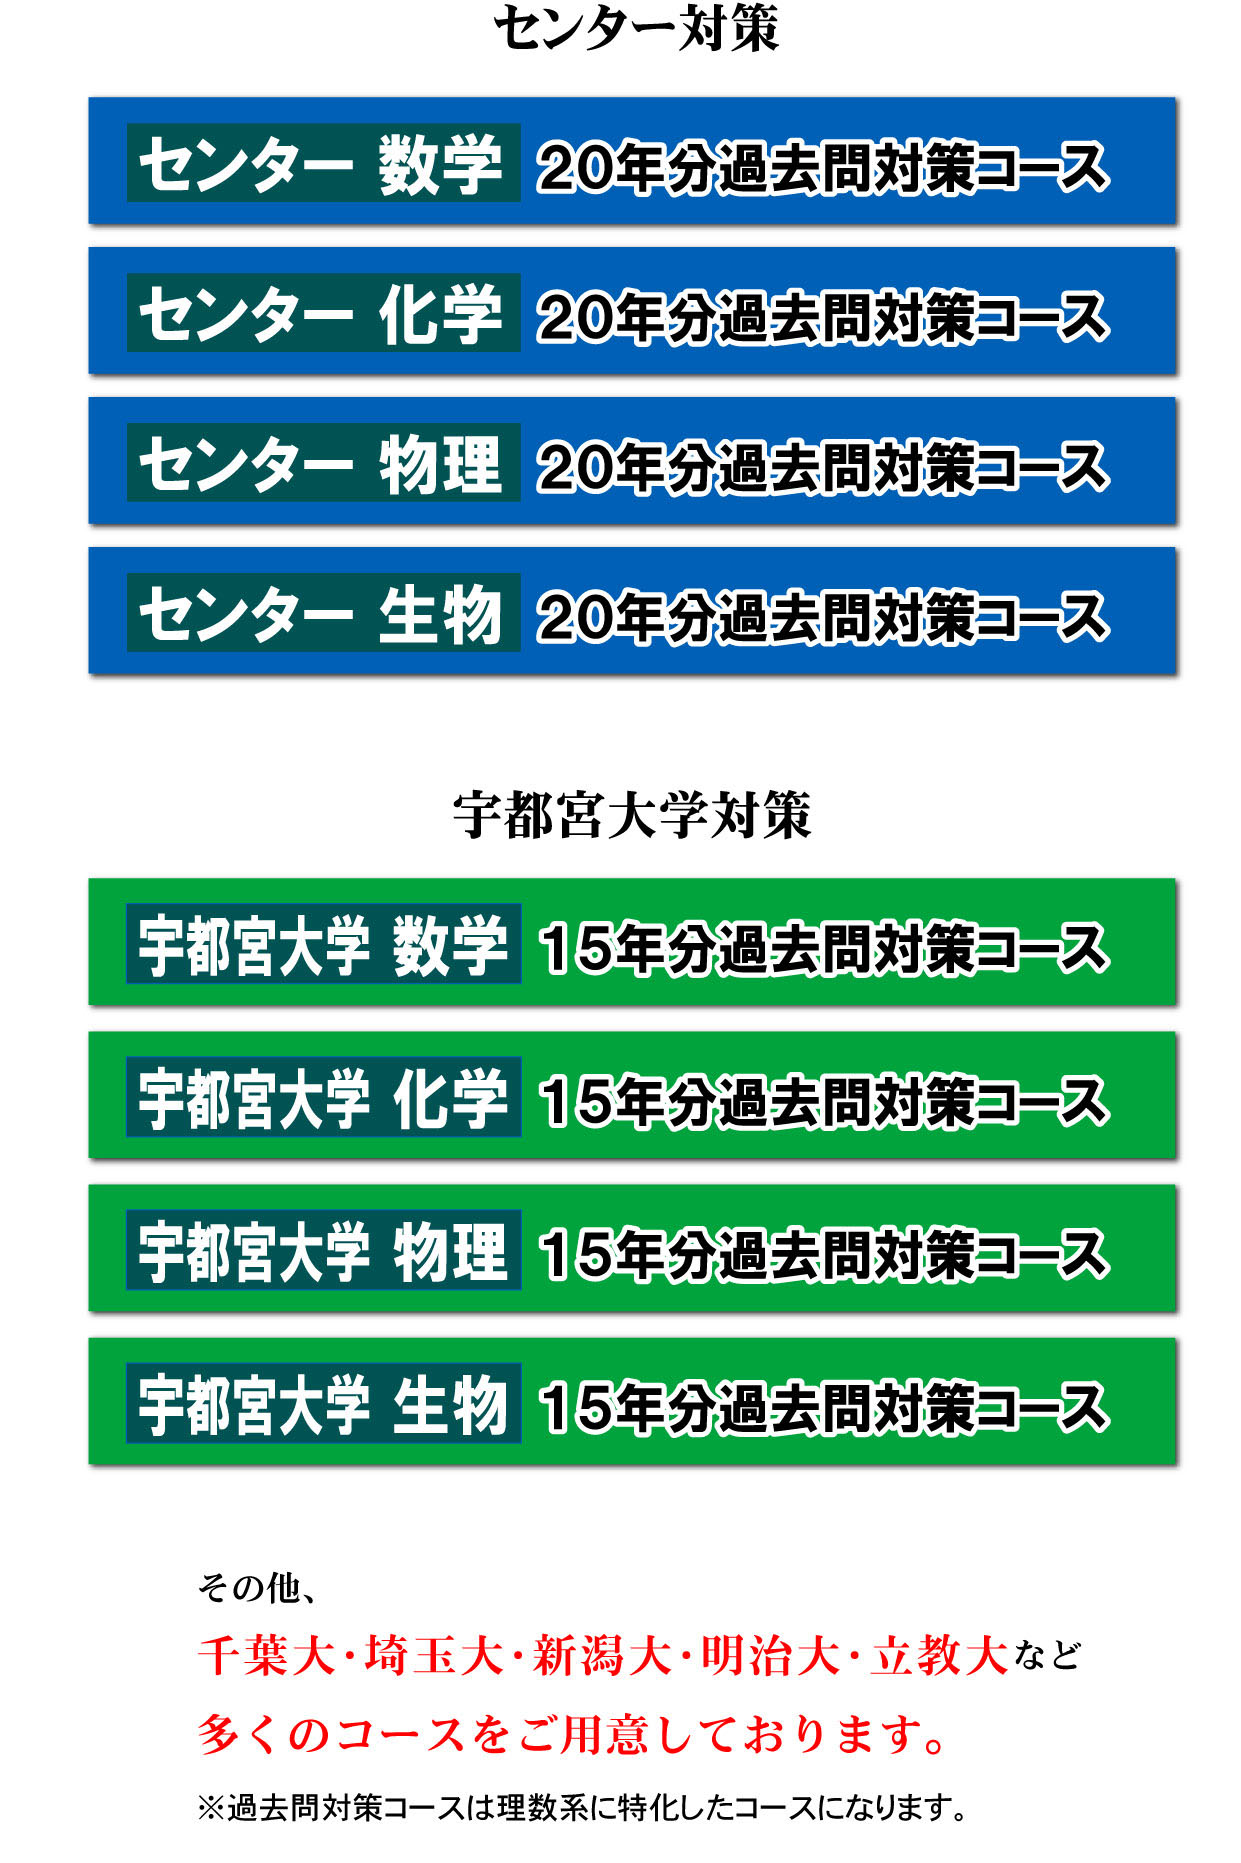 センター対策と宇都宮大学対策、その他、千葉大・埼玉大など